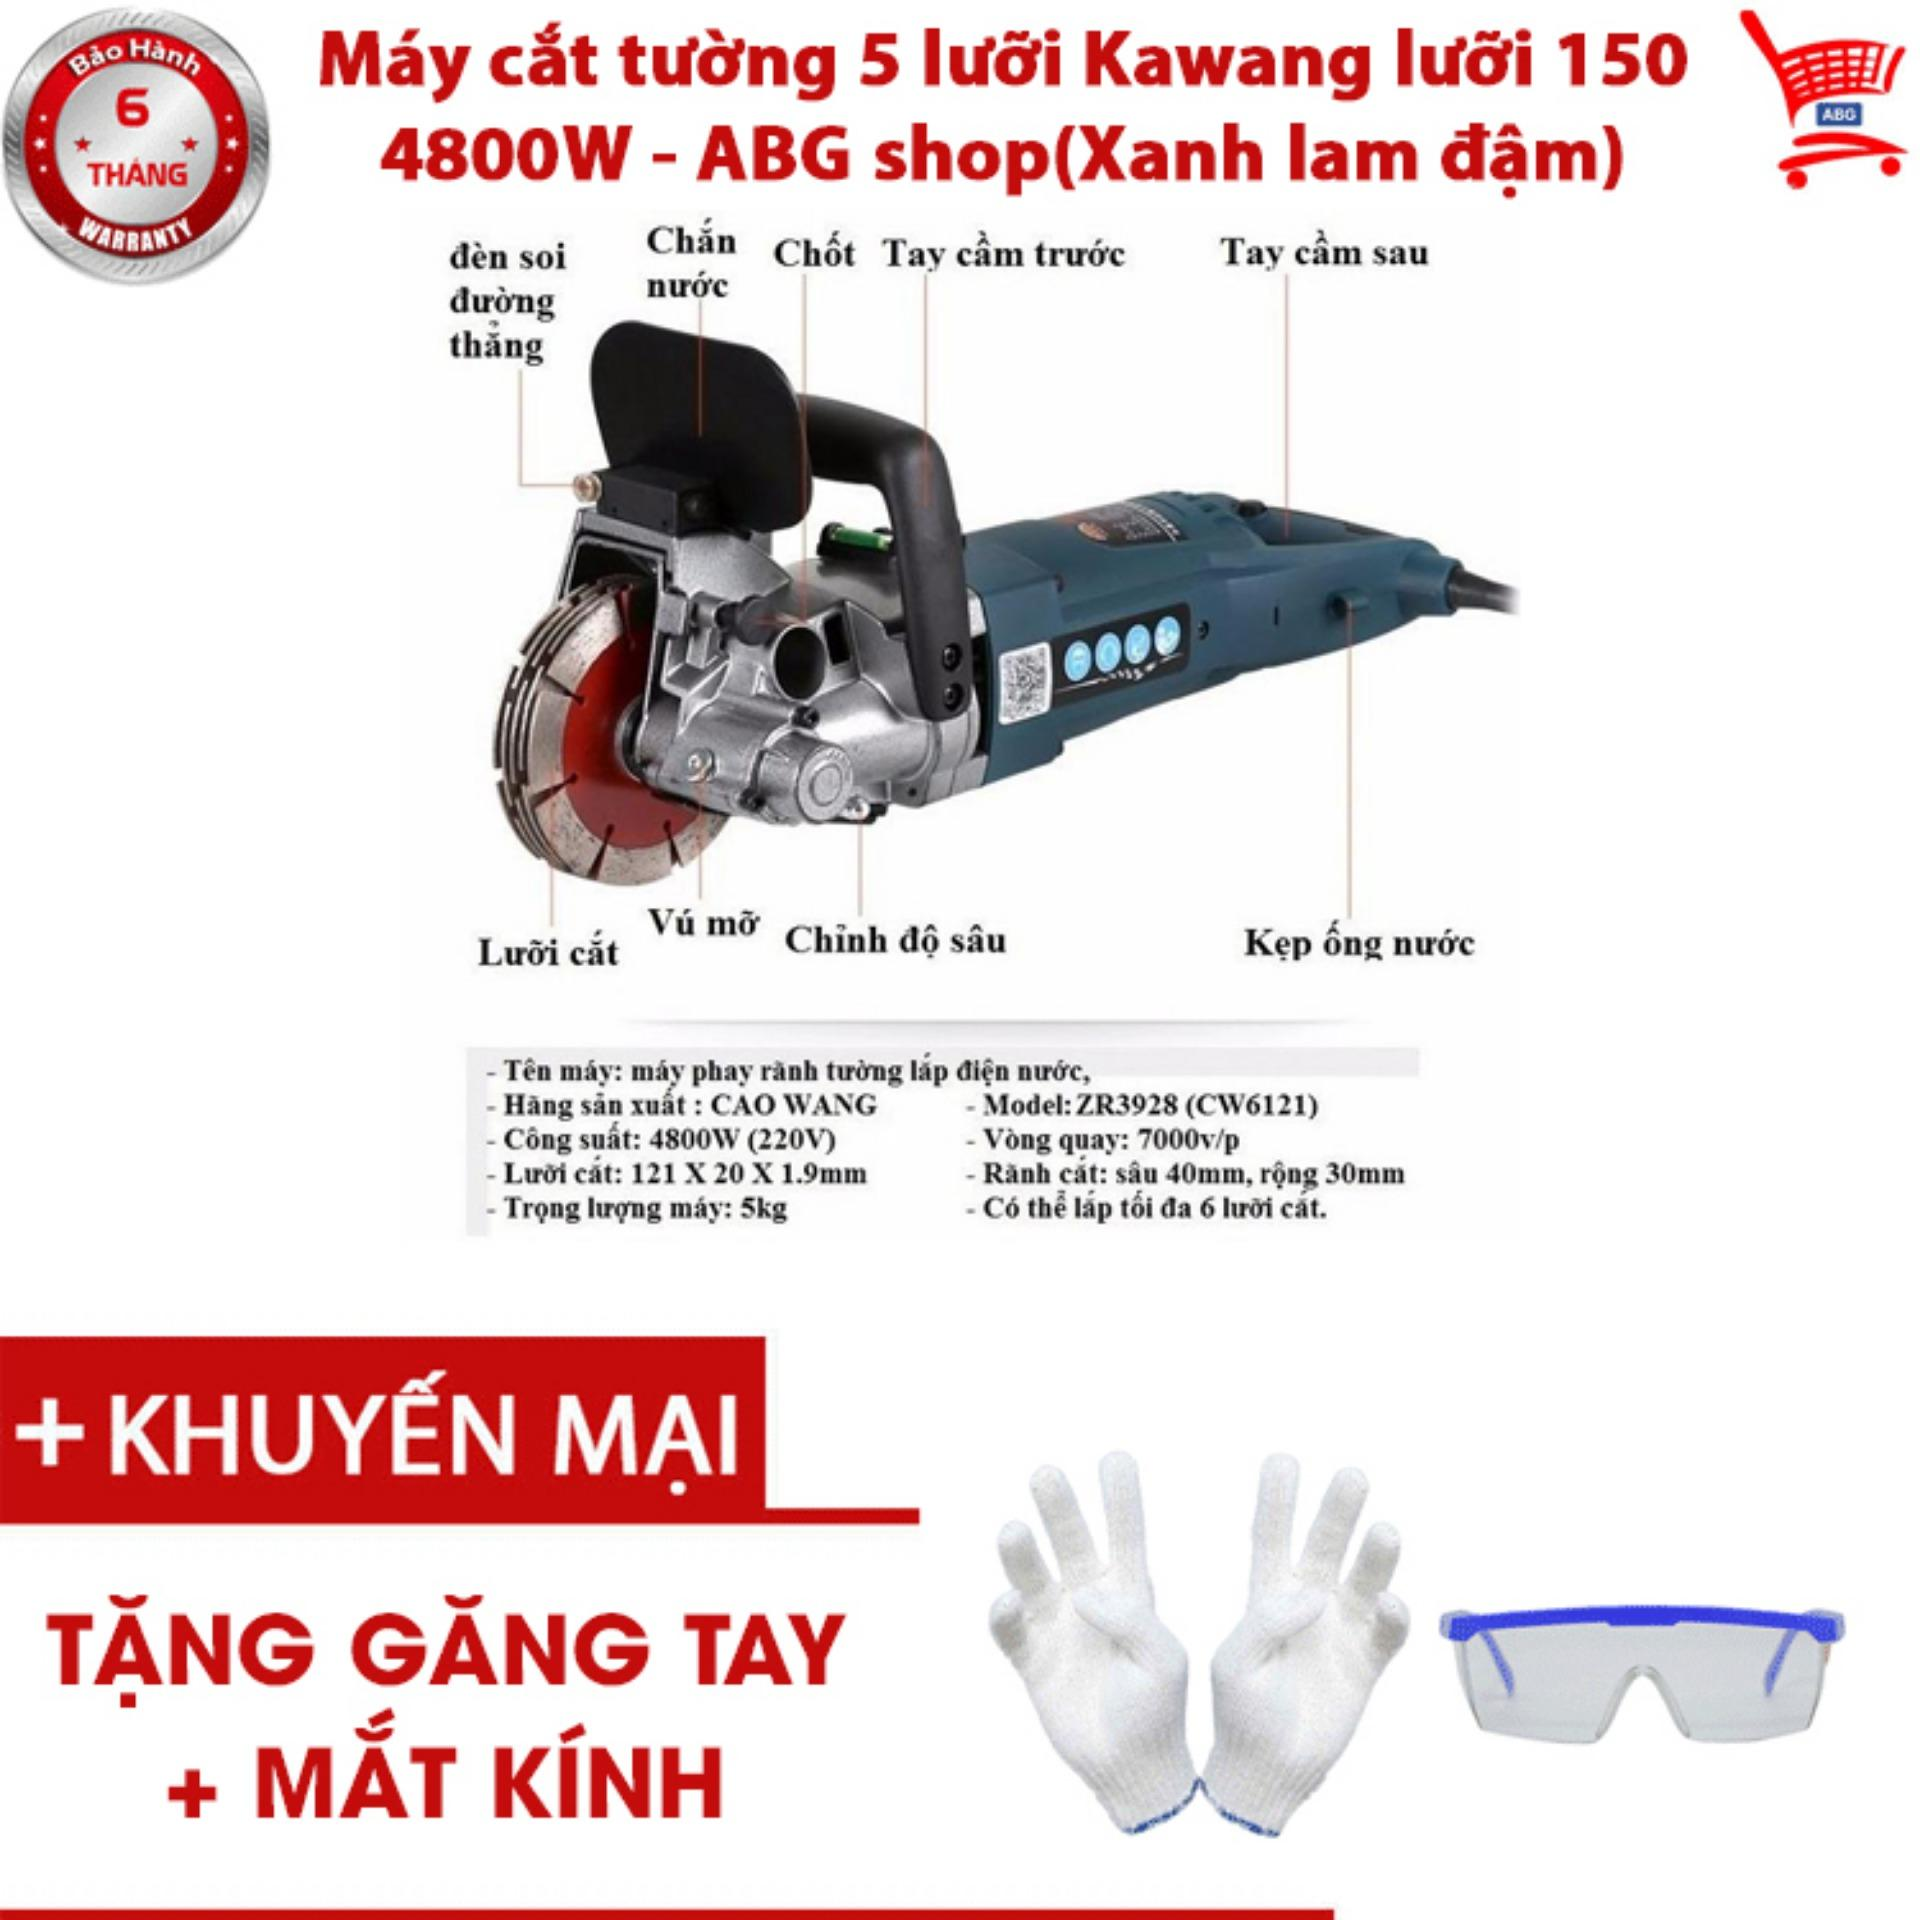 Máy cắt tường 5 lưỡi Kawang lưỡi 150 4800W - ABG shop